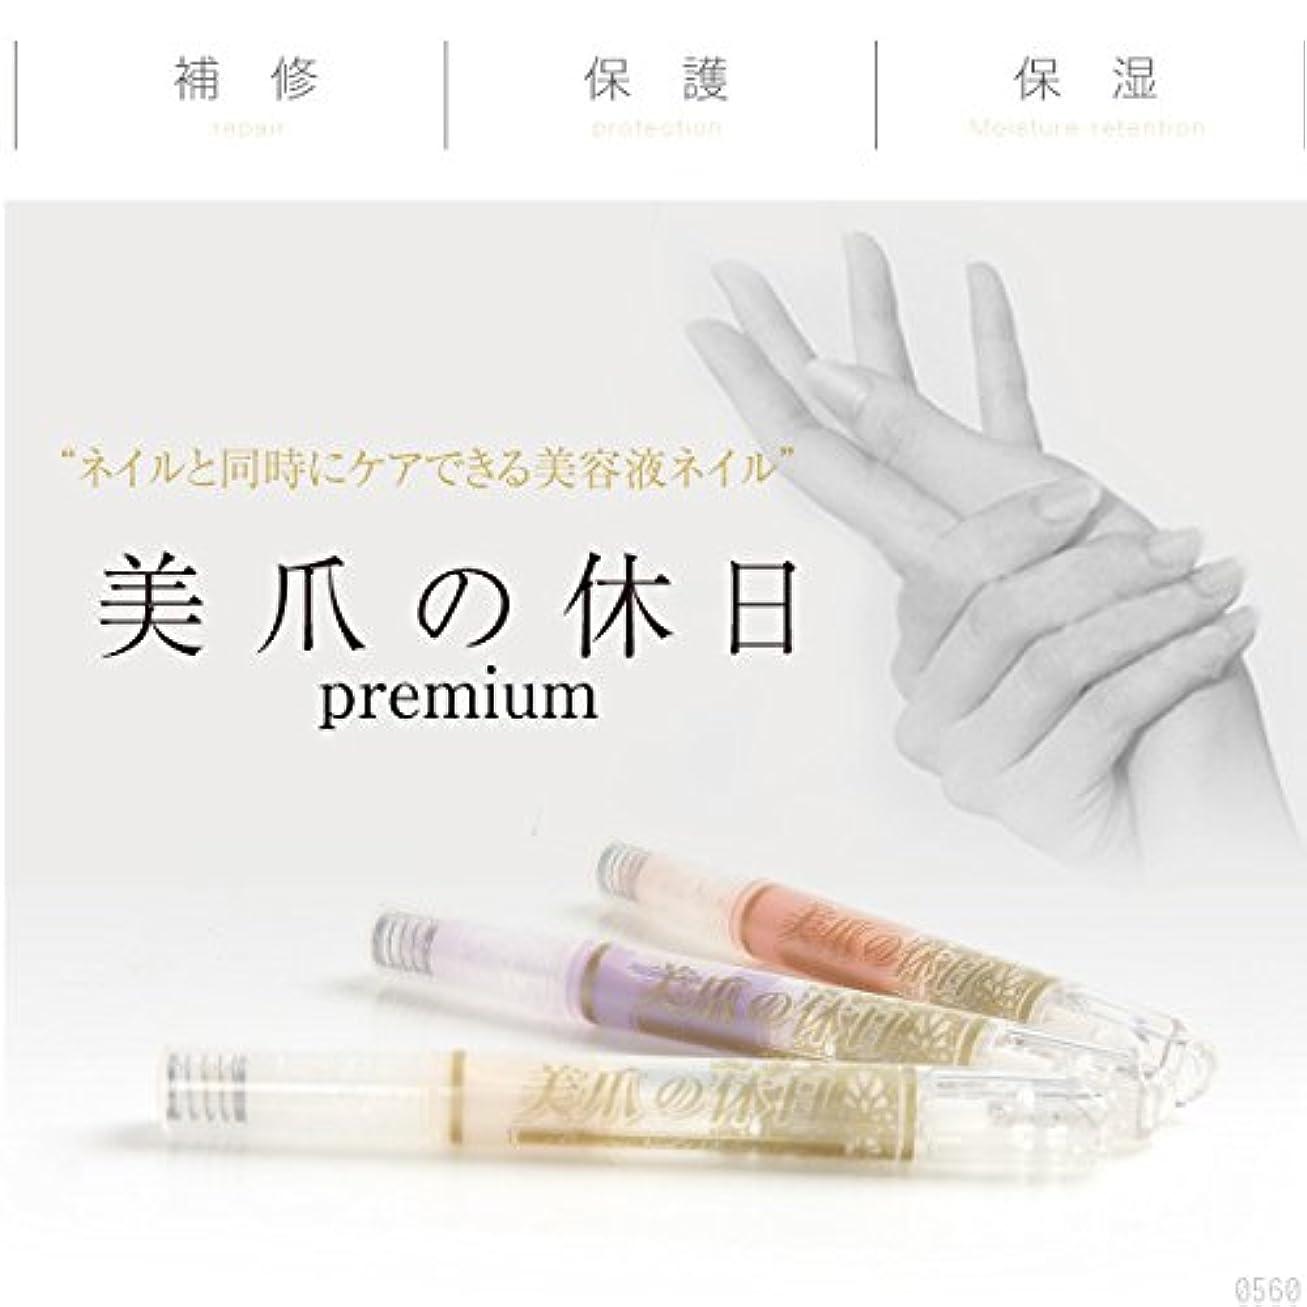 コスチューム展示会装置ネイル美容液 美爪の休日プレミアム サーモンピンク1個、ラベンダー1個、ミルクホワイト1個セット